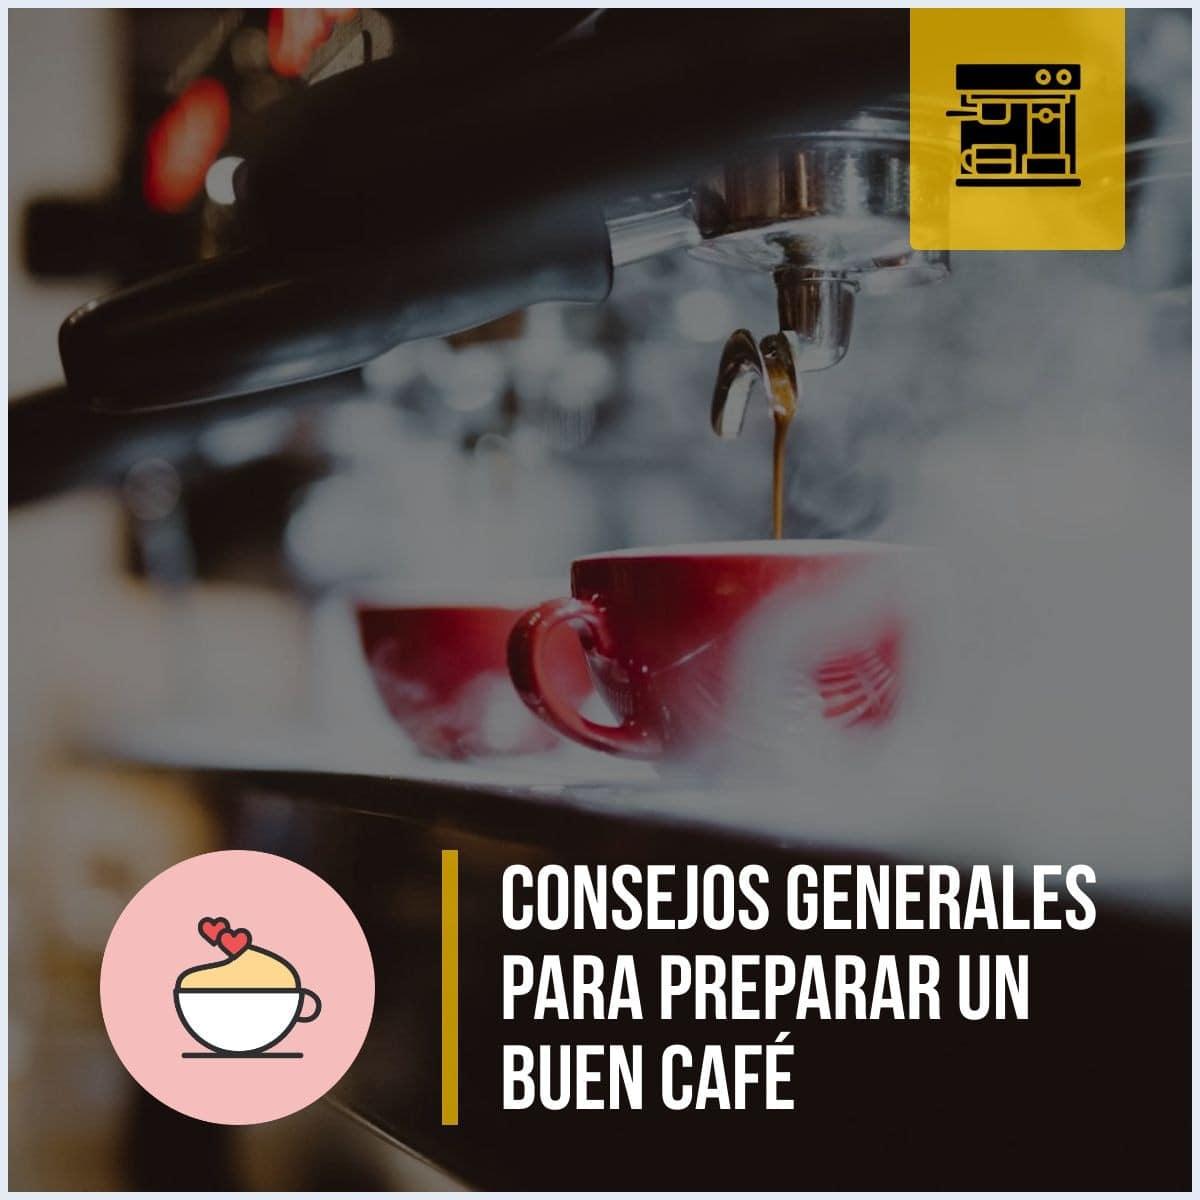 Consejos generales para preparar un buen café